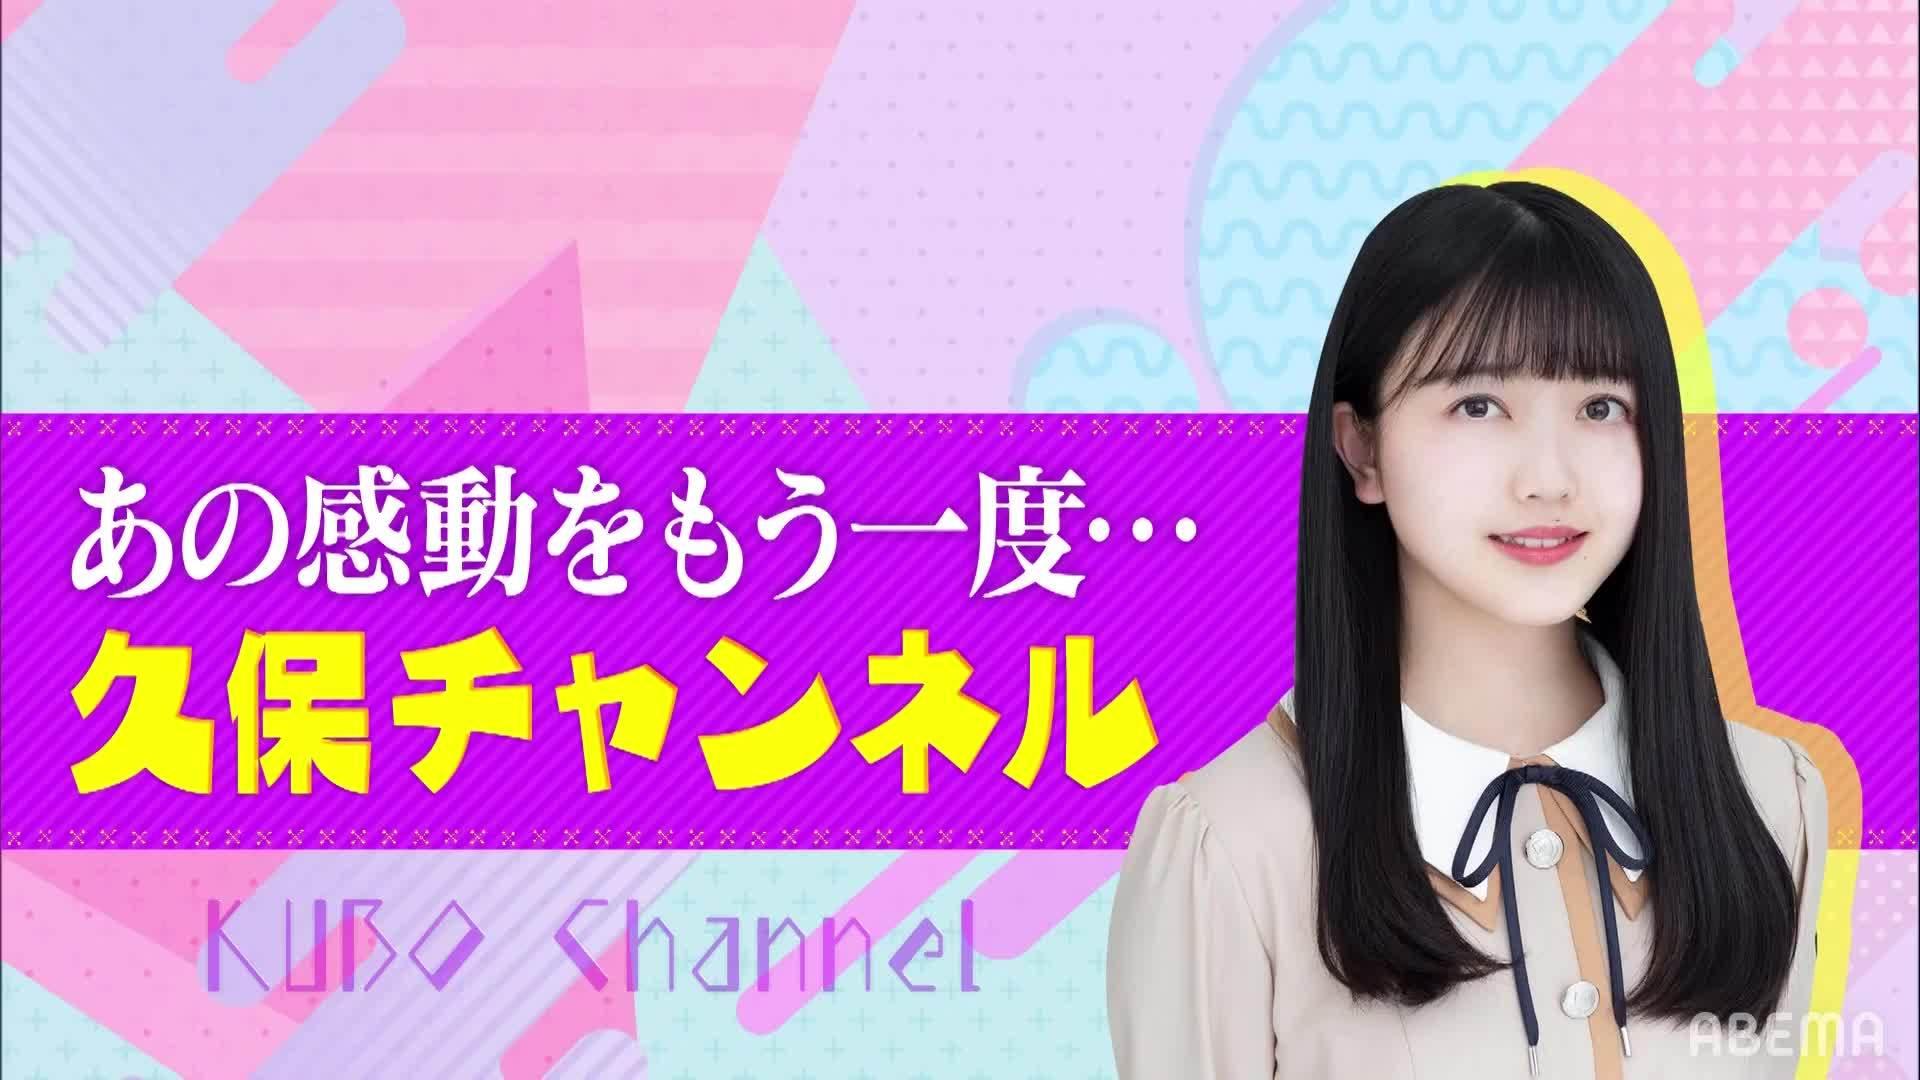 のぎ動画 久保チャンネル